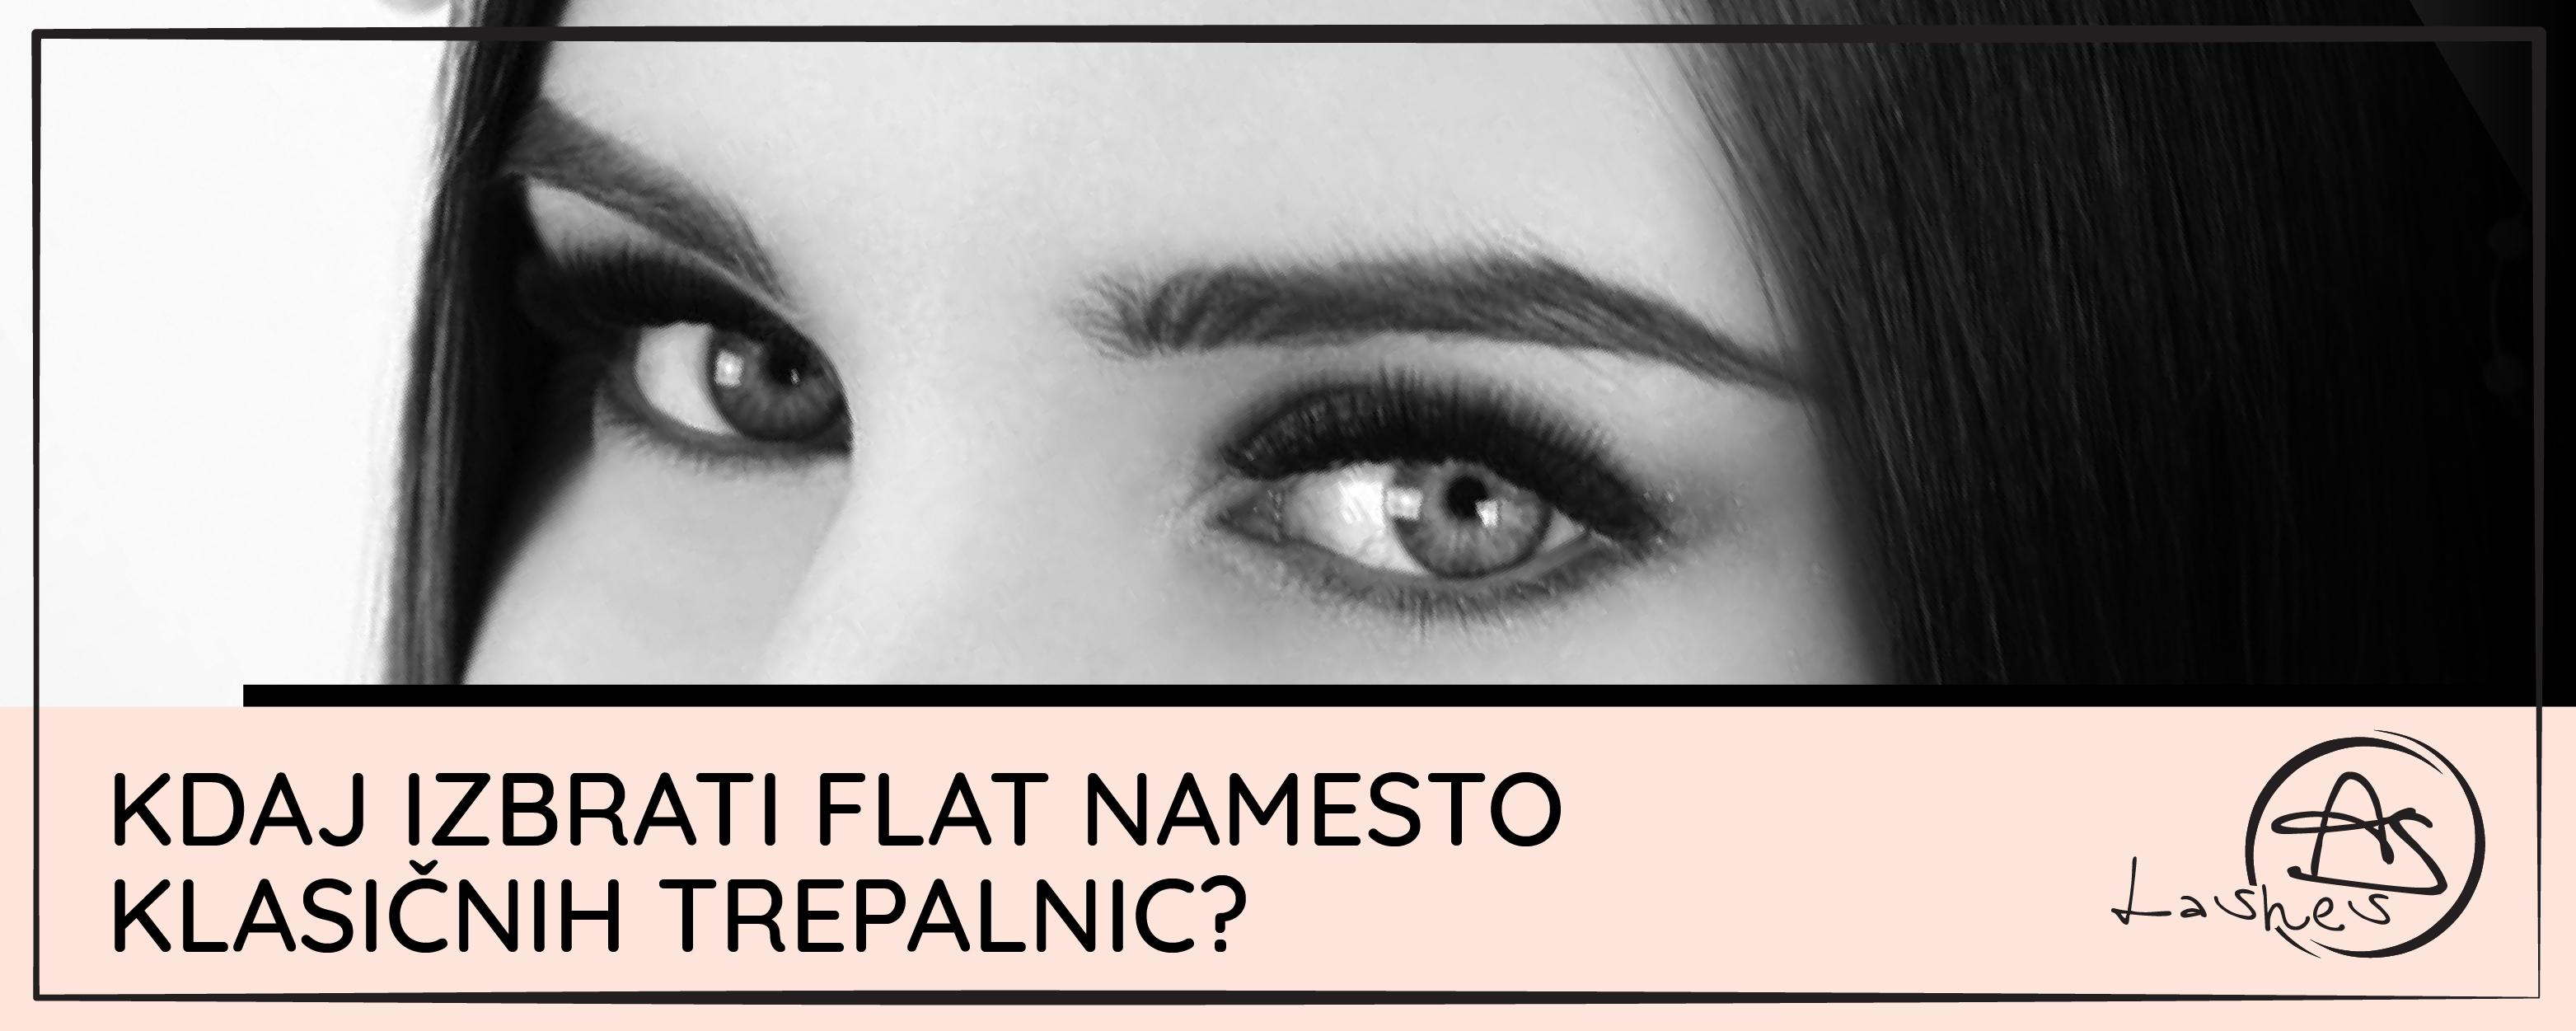 Kdaj so Flat trepalnice boljša izbira kot klasične?